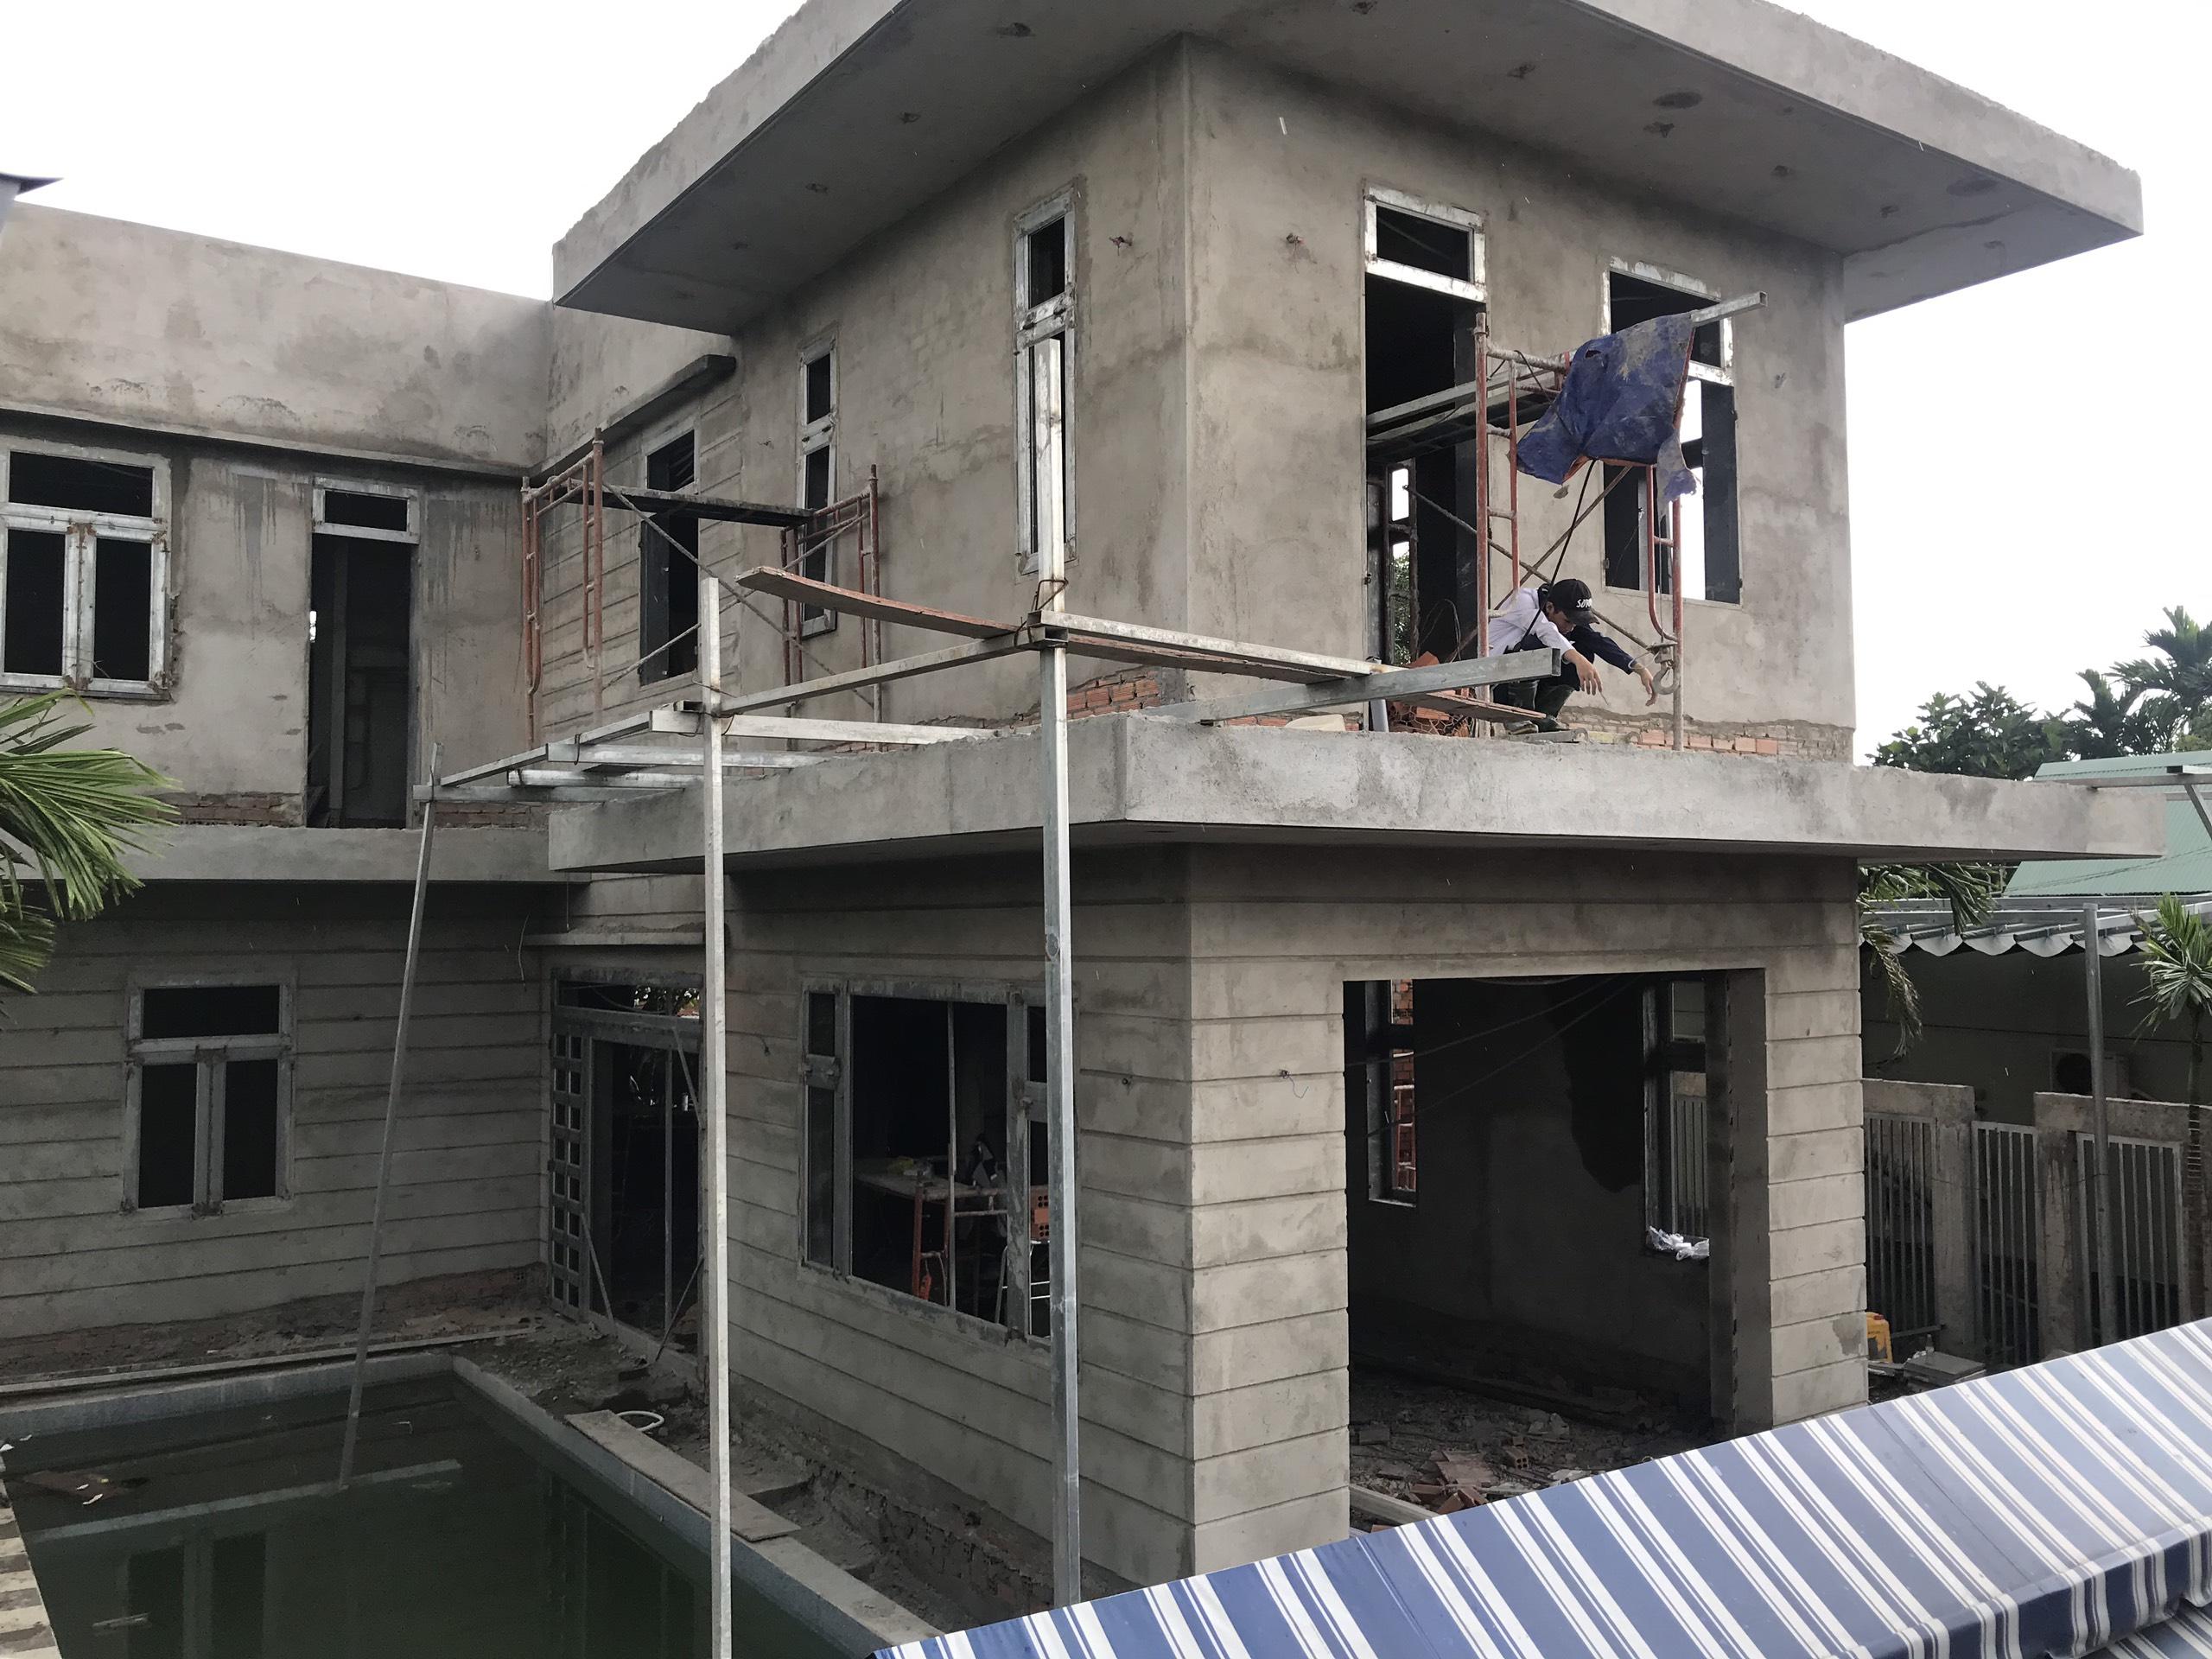 mau nha 2 tang thi cong 11 [KHÔNG PHÁT SINH] xây nhà biệt thự 2 tầng ở Đồng Nai từ thiết kế đến hoàn công